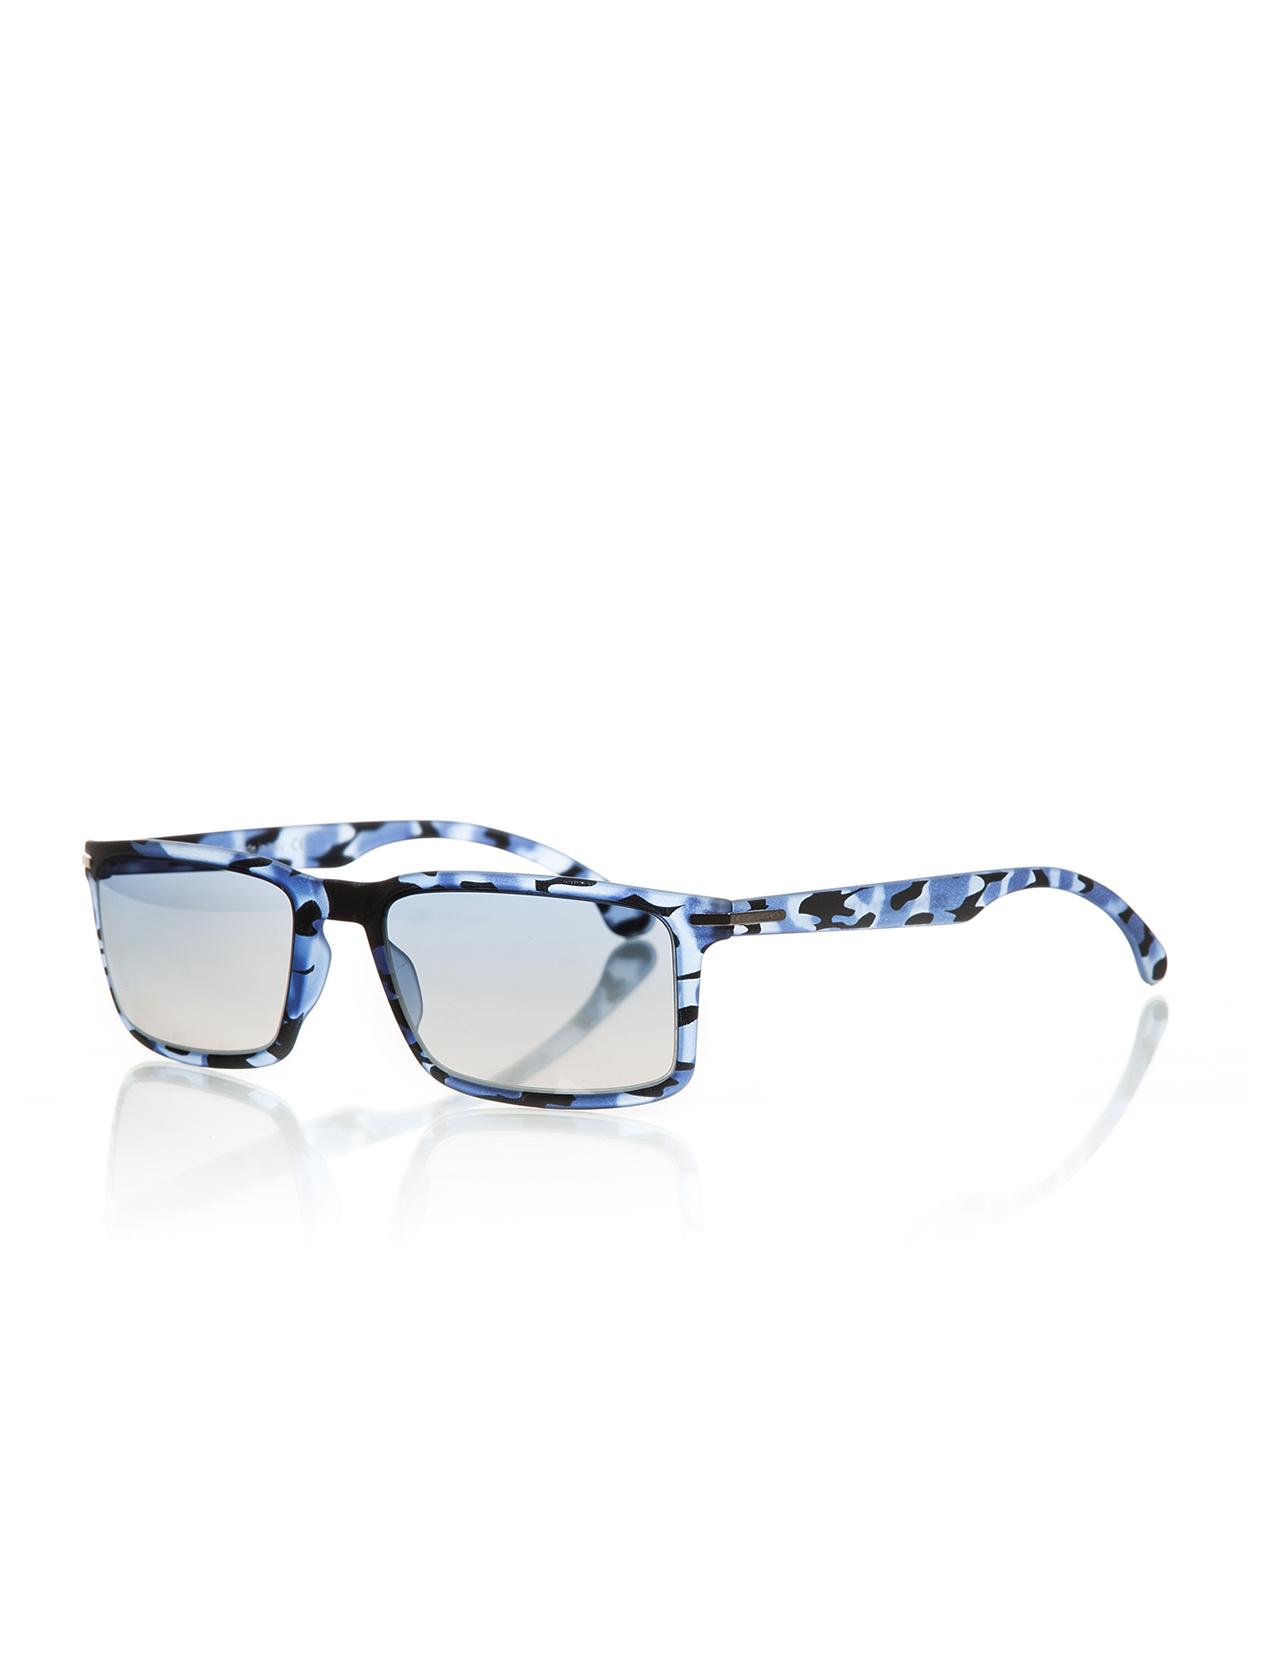 نظارة شمسية بإطار أزرق مزخرف للجنسين